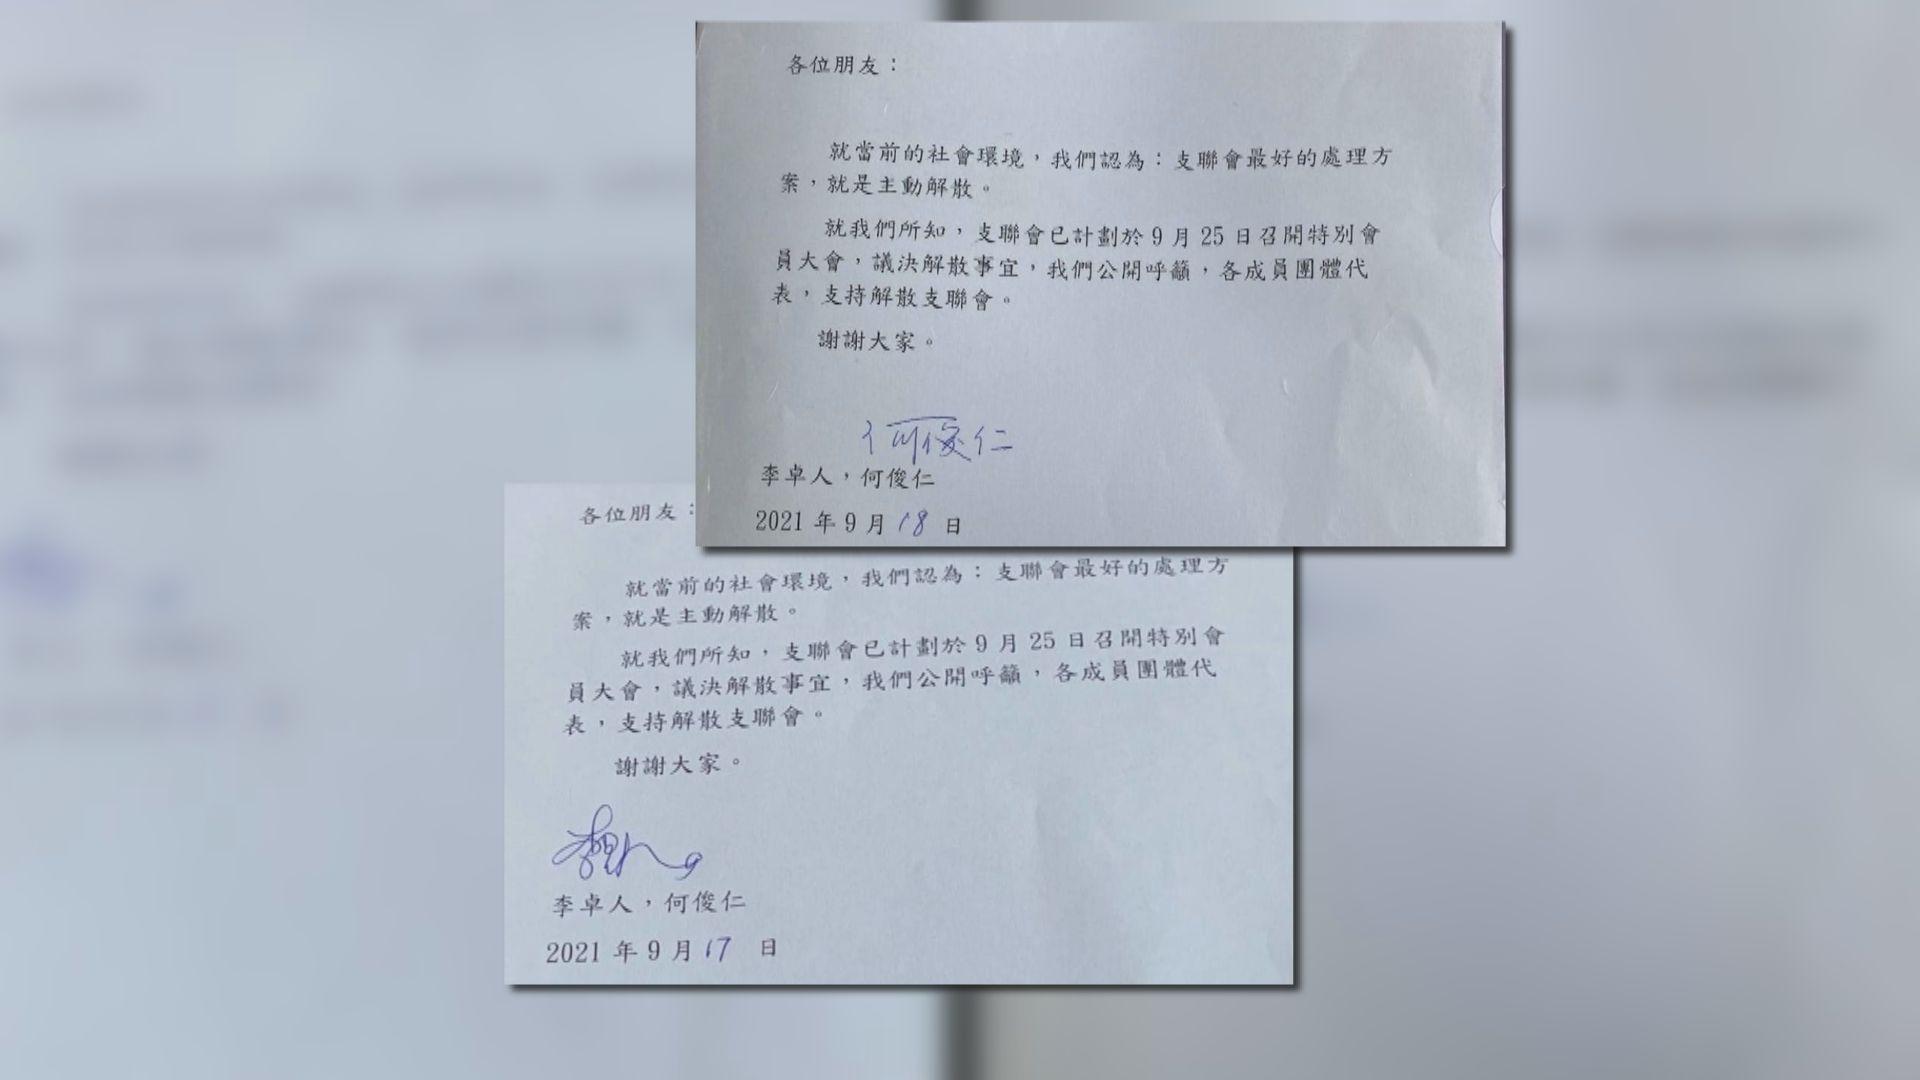 鄒幸彤公開信反對支聯會解散 稱無法說服自己是「最好處理」